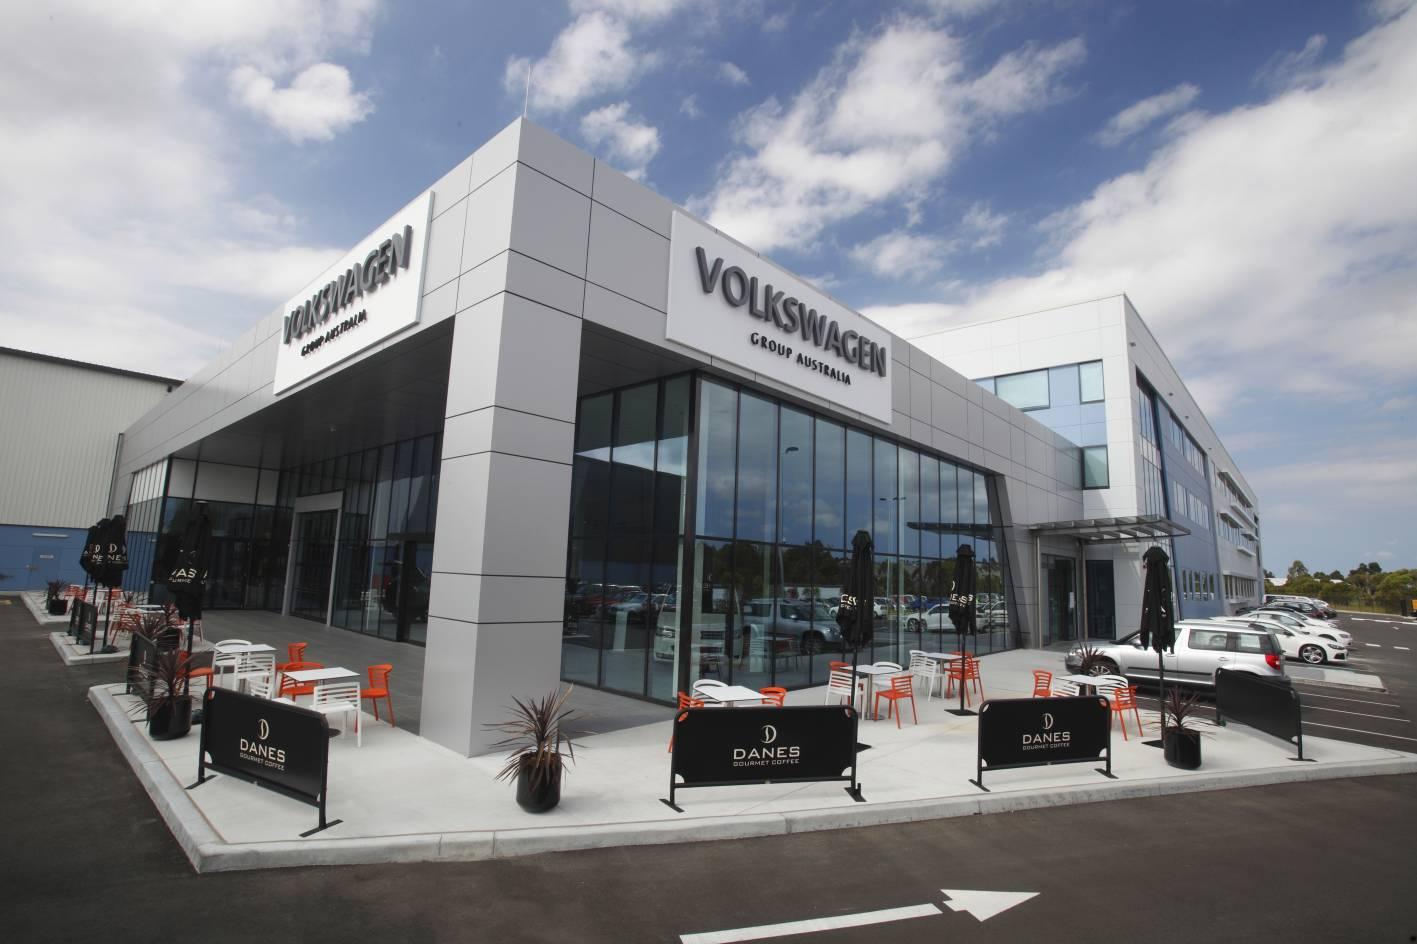 Фольксваген: вчесть юбилея компания устроила щедрую акцию распродажи